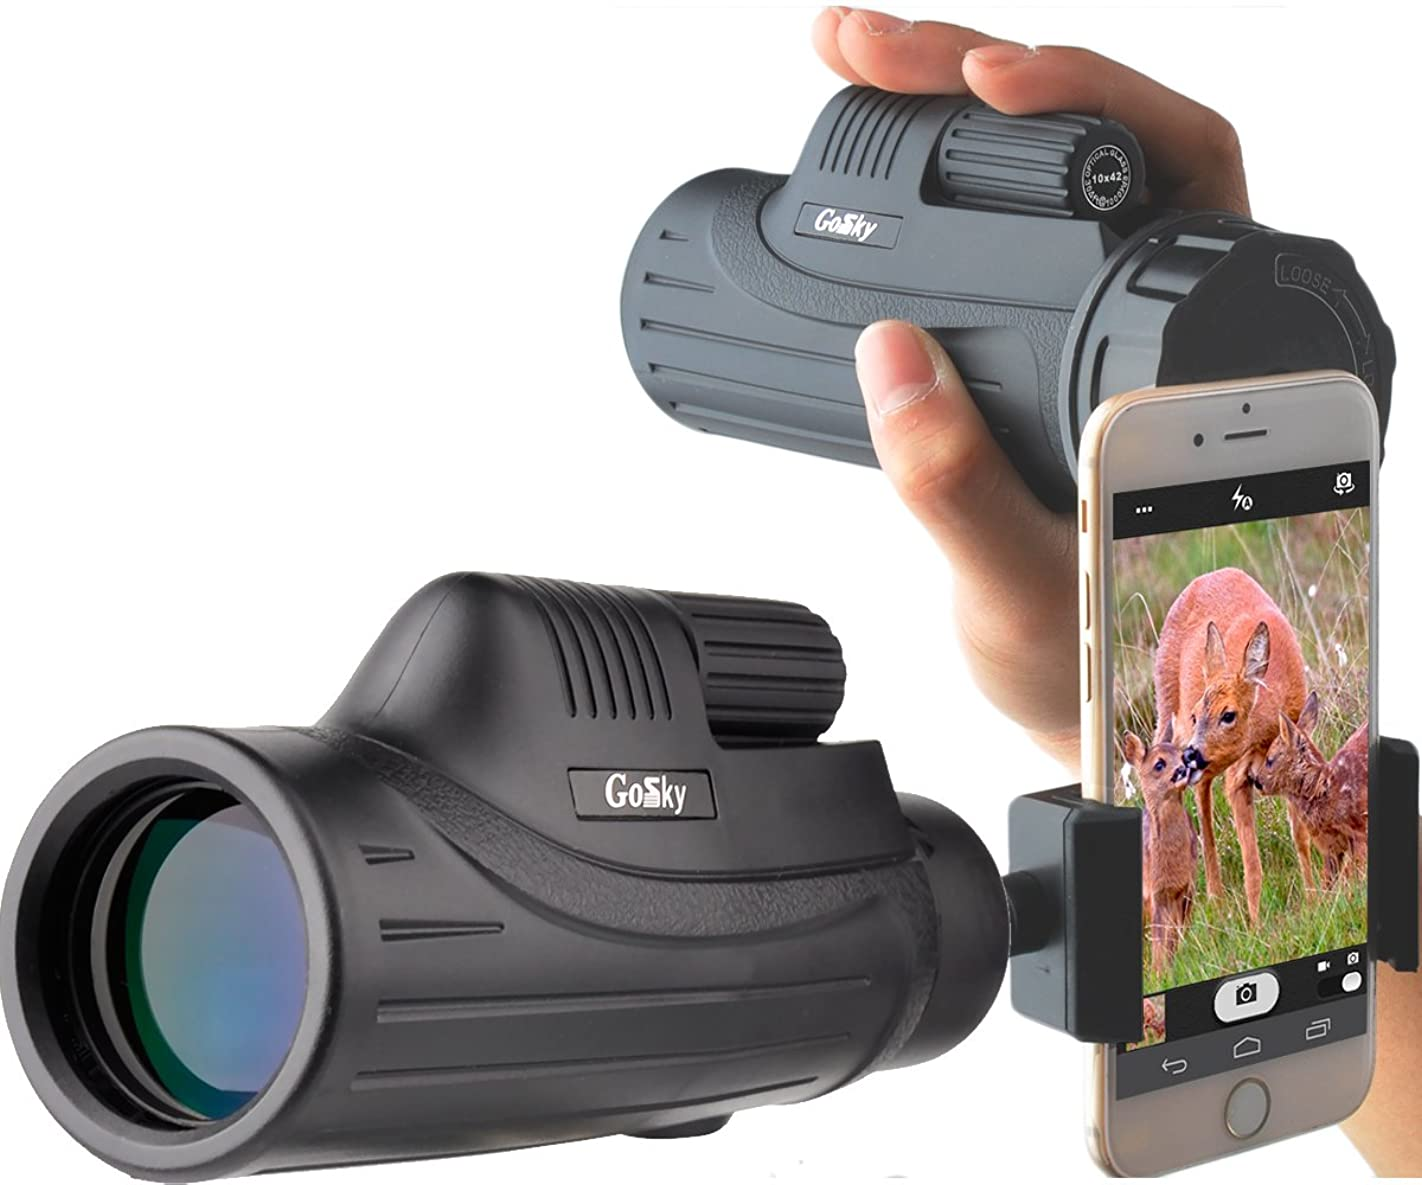 あいまいなミシン目傾いたGosky Pioneer 10X42 単眼鏡 スマートフォンマウントキット - バードウォッチング 旅行 野生動物 秘密 コンサート ボール ゲーム - BAK4 プリズム FMC レンズ 望遠鏡 明るい鮮明な画像 - 携帯電話の美しさを記録